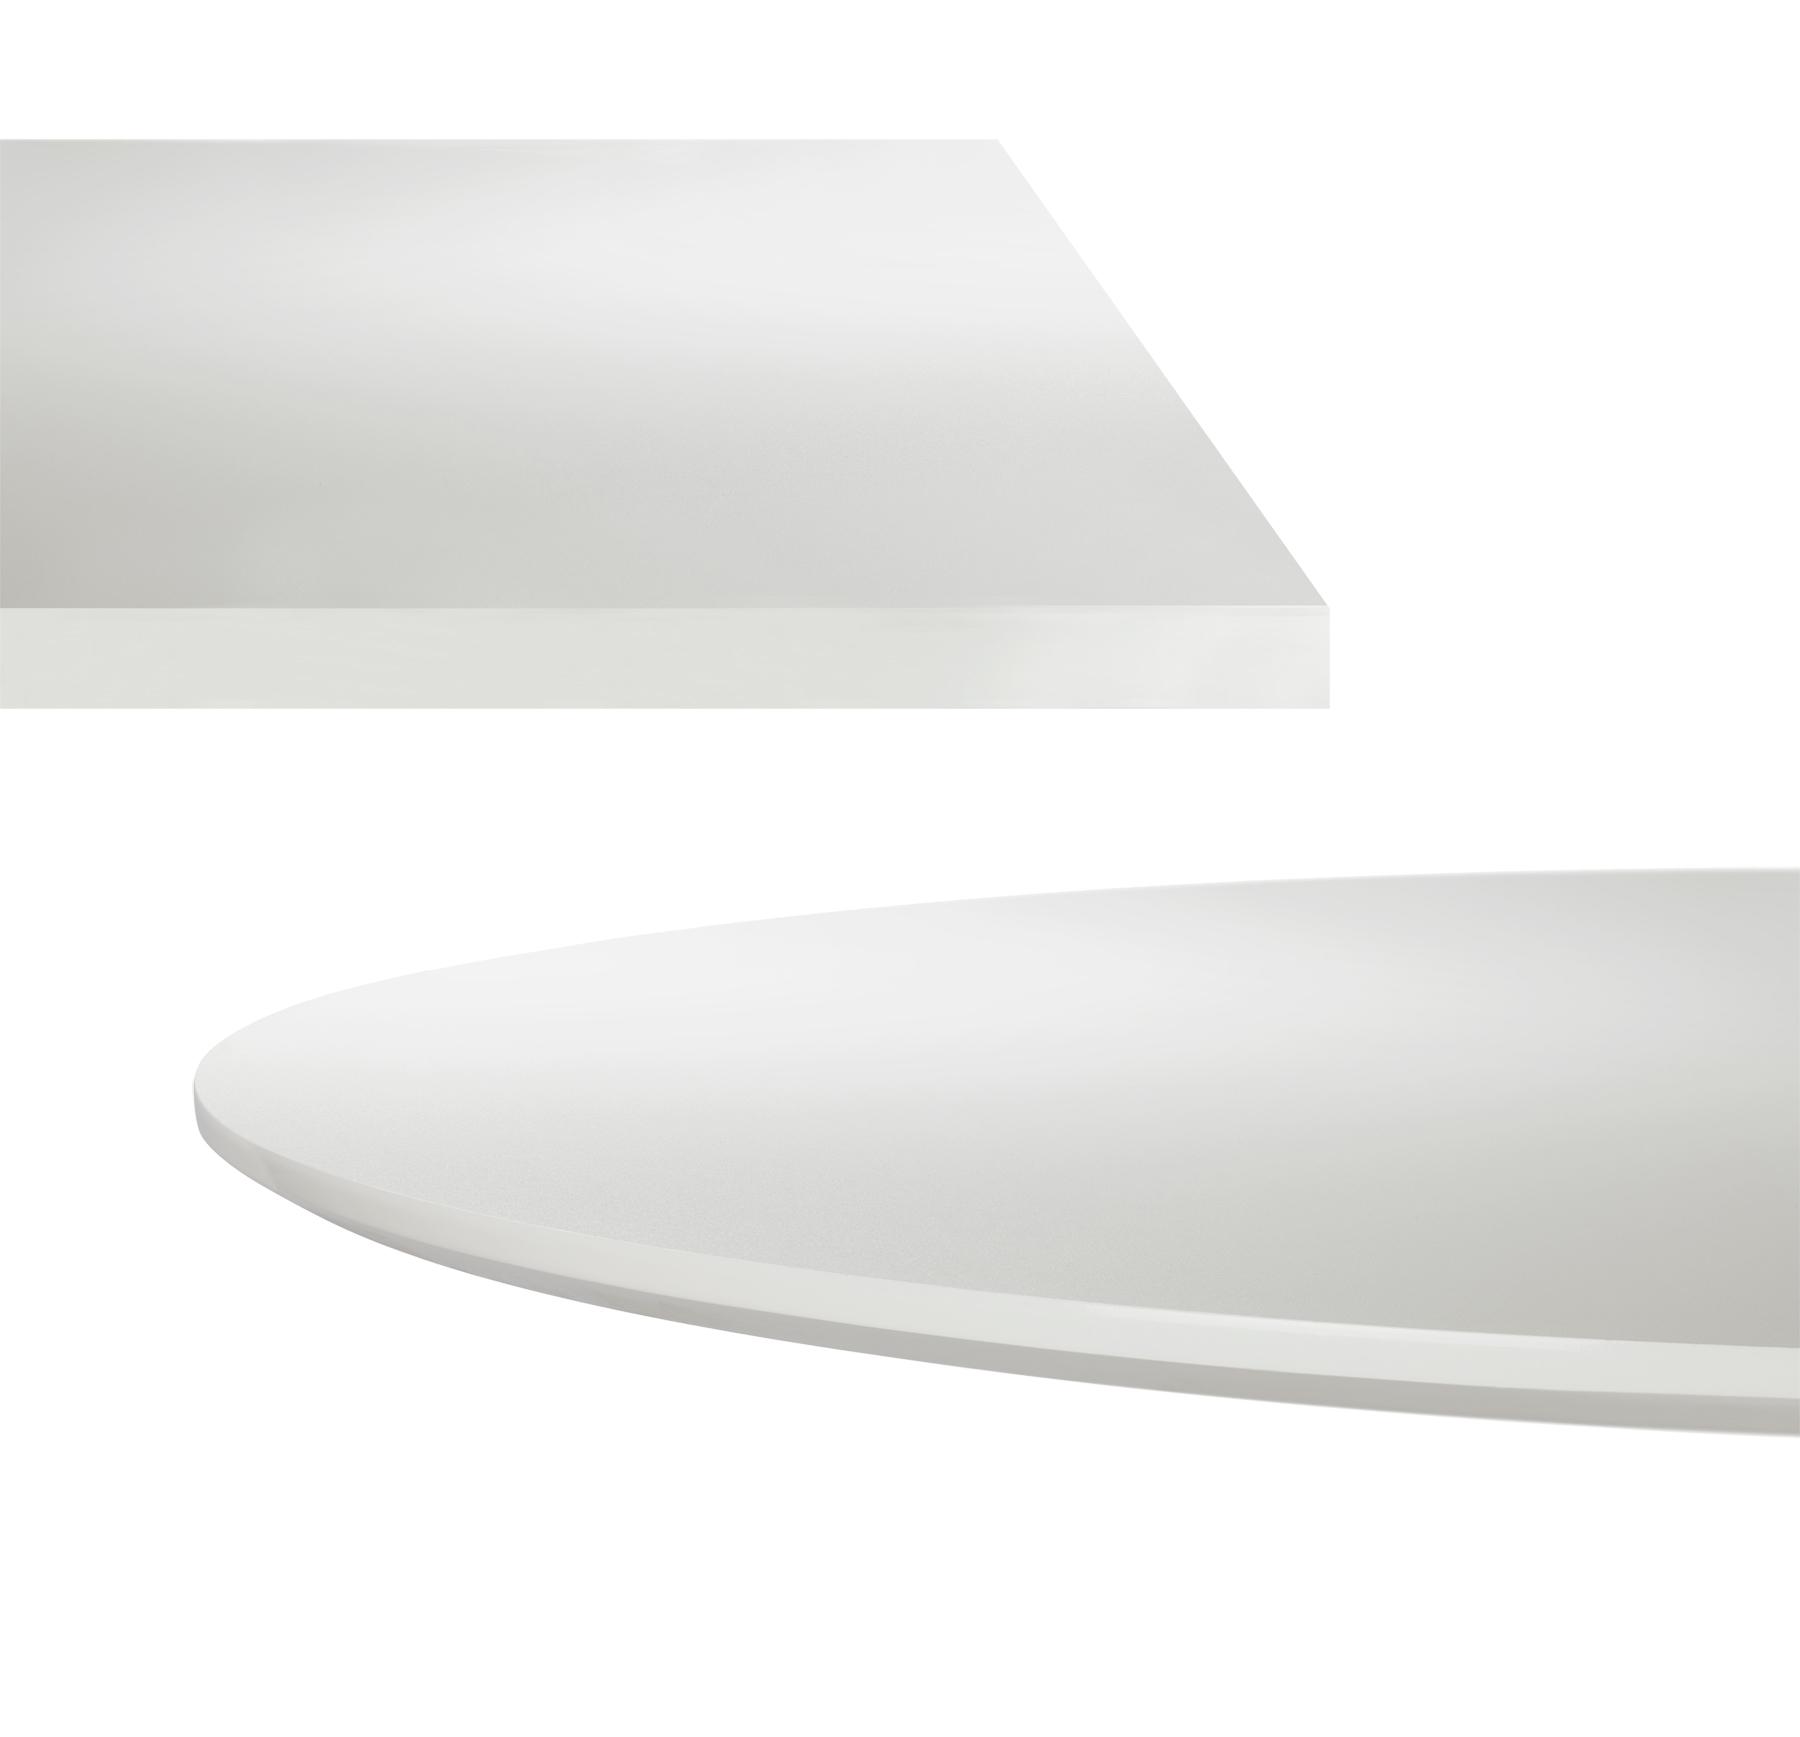 Futrus Solutions With Corian Design